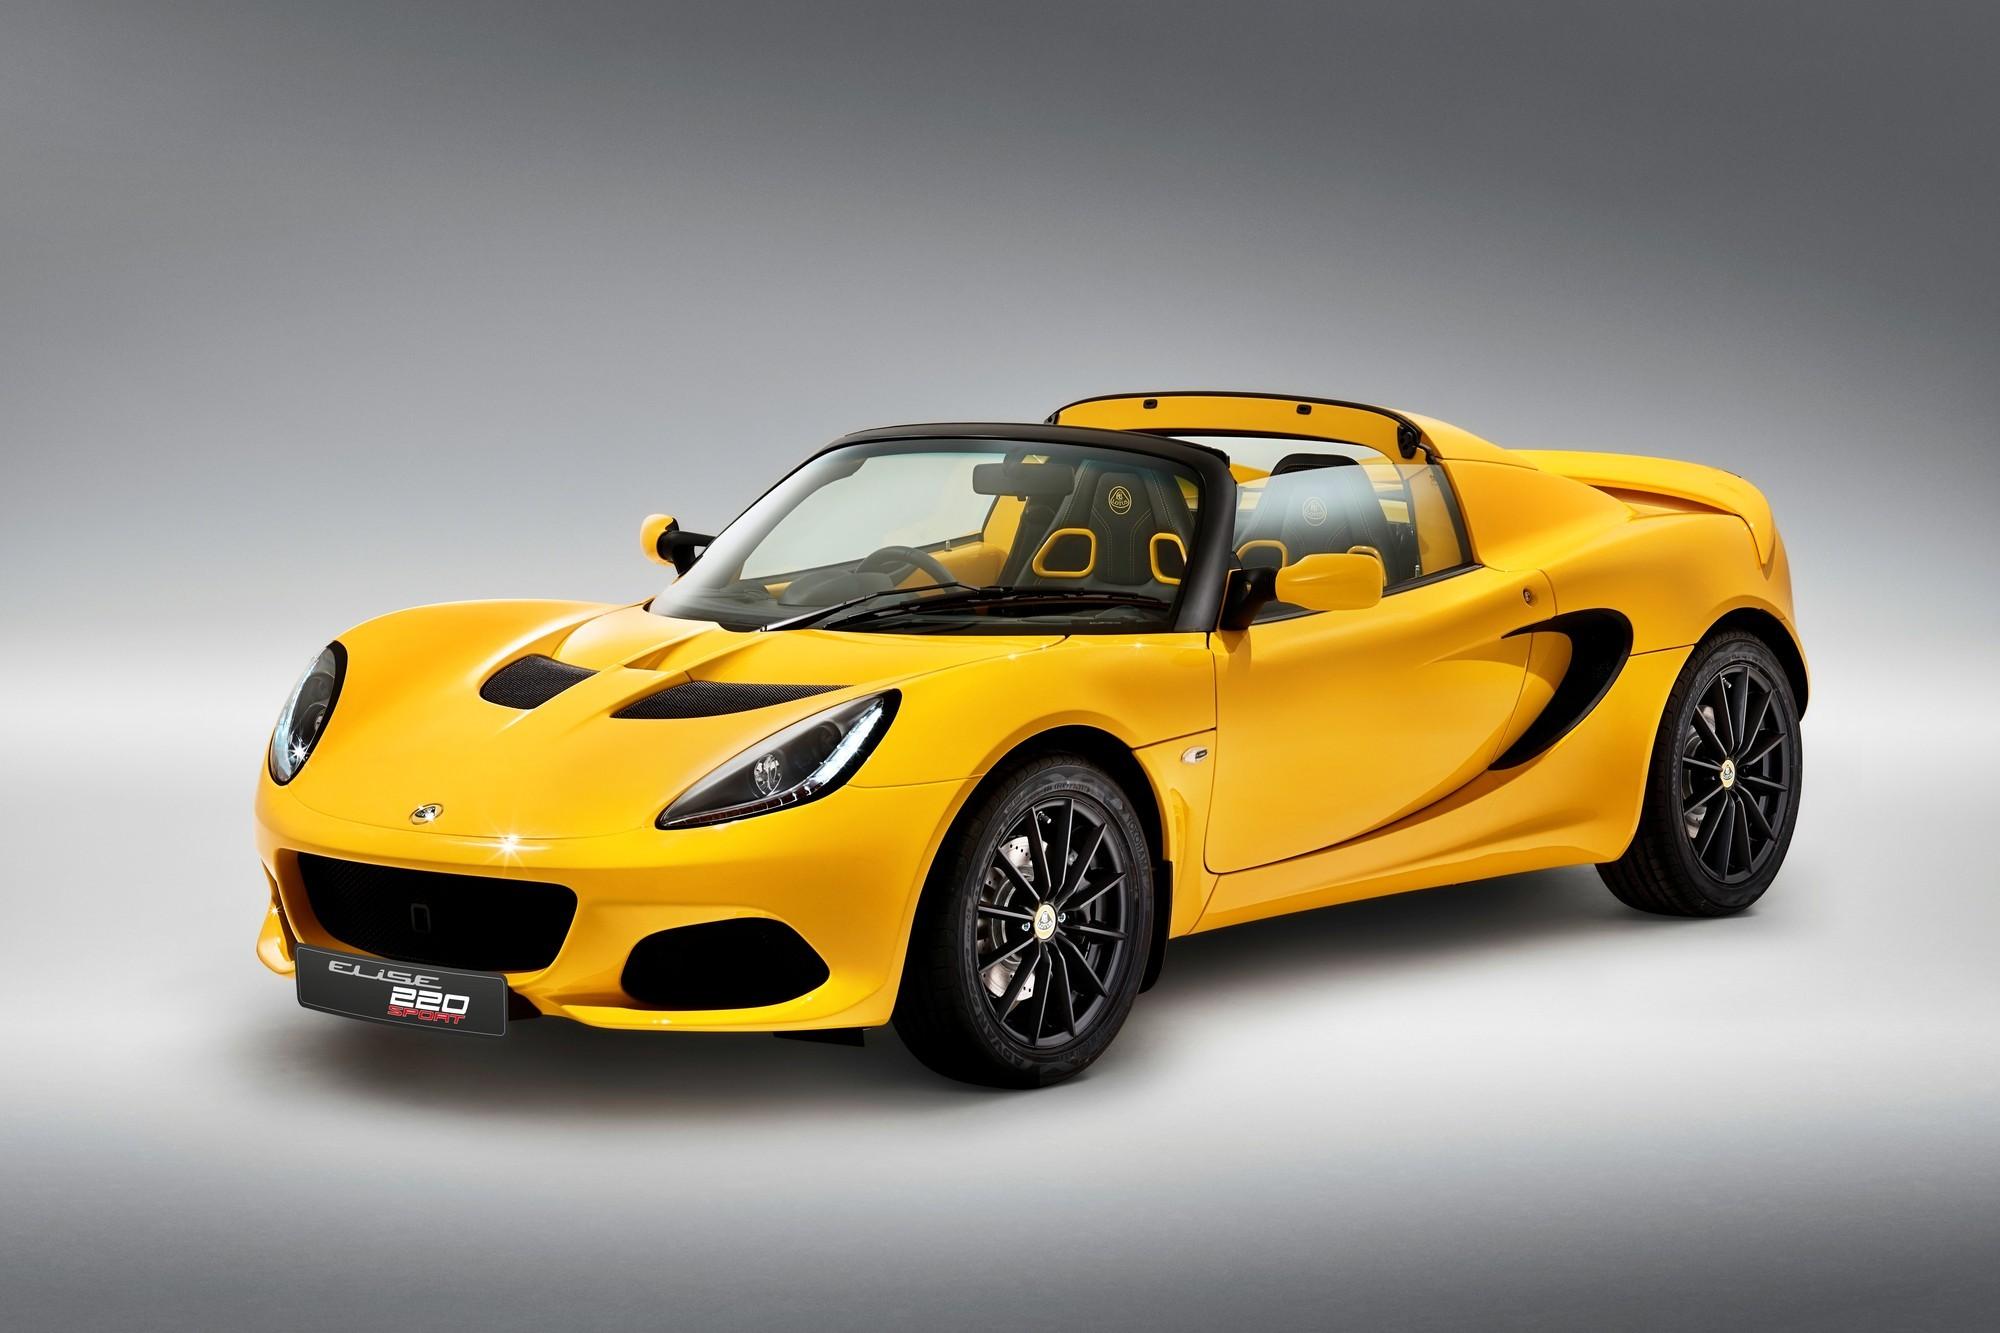 Lotus поступит с Elise так же, как с Seven – продаст другому производителю